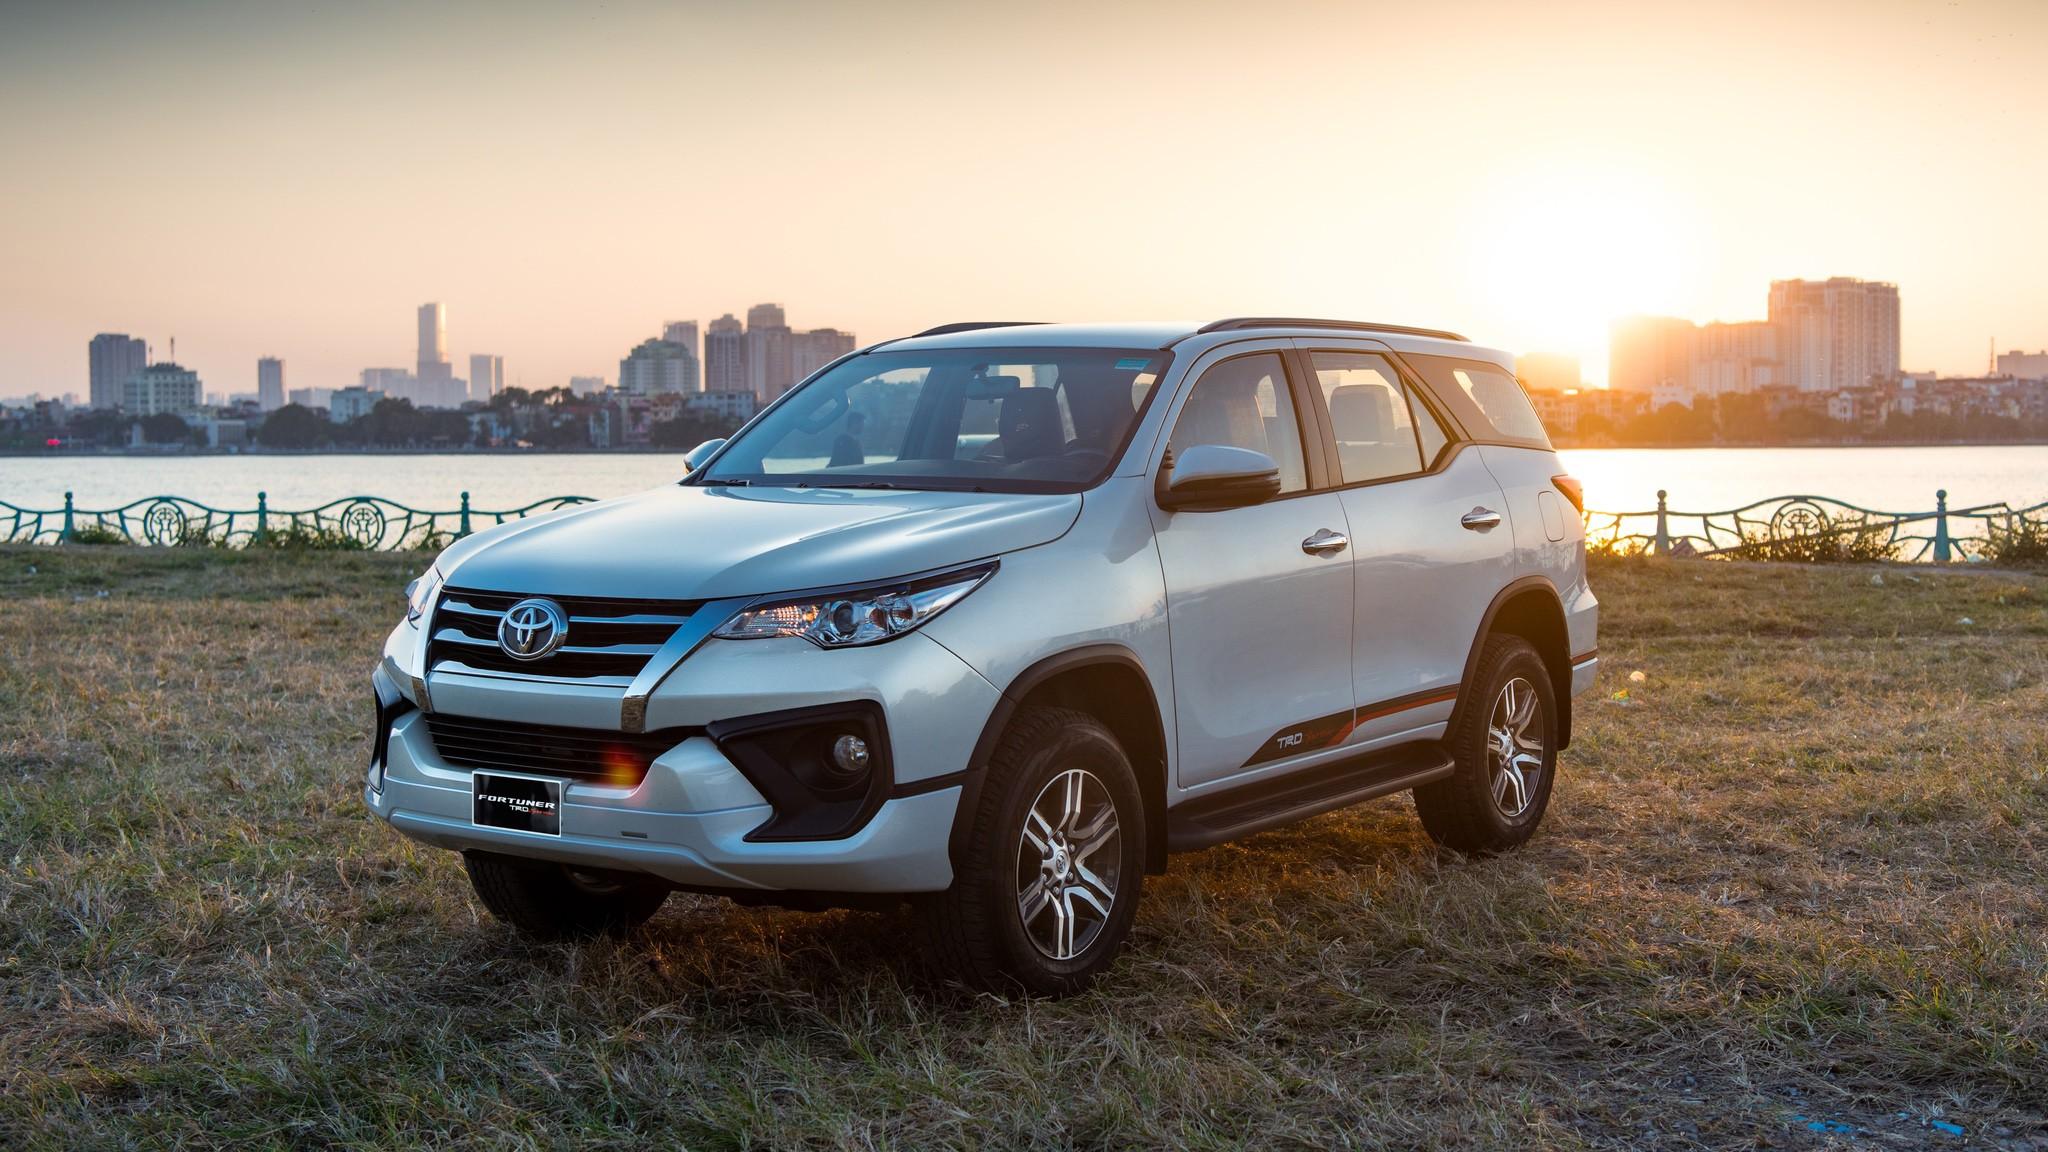 Toyota chung tay cùng cộng đồng, ưu tiên vì khách hàng